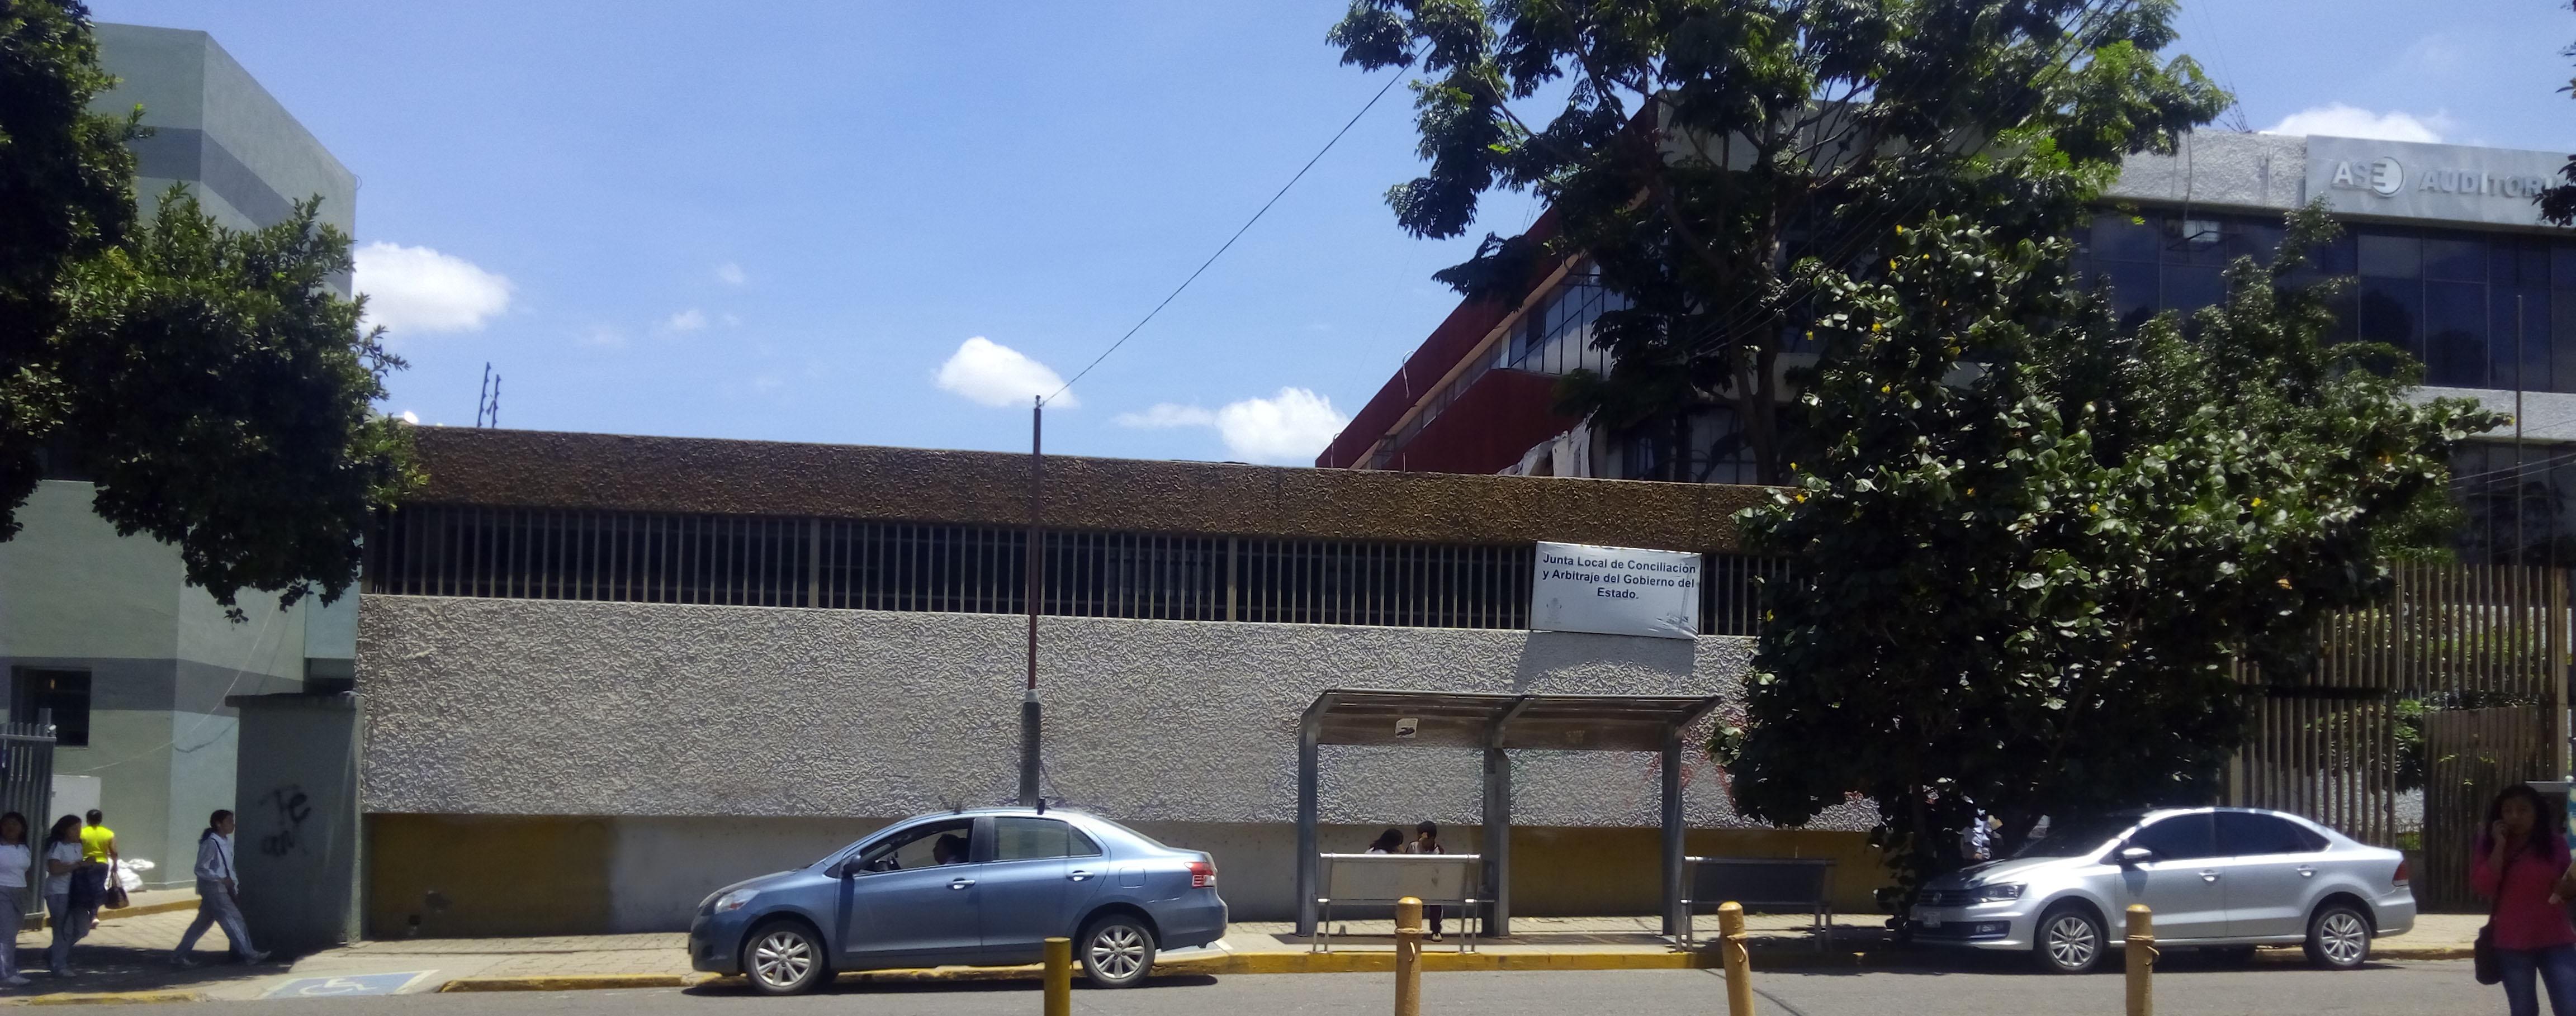 Junta Local de Conciliación y Arbitraje del Estado